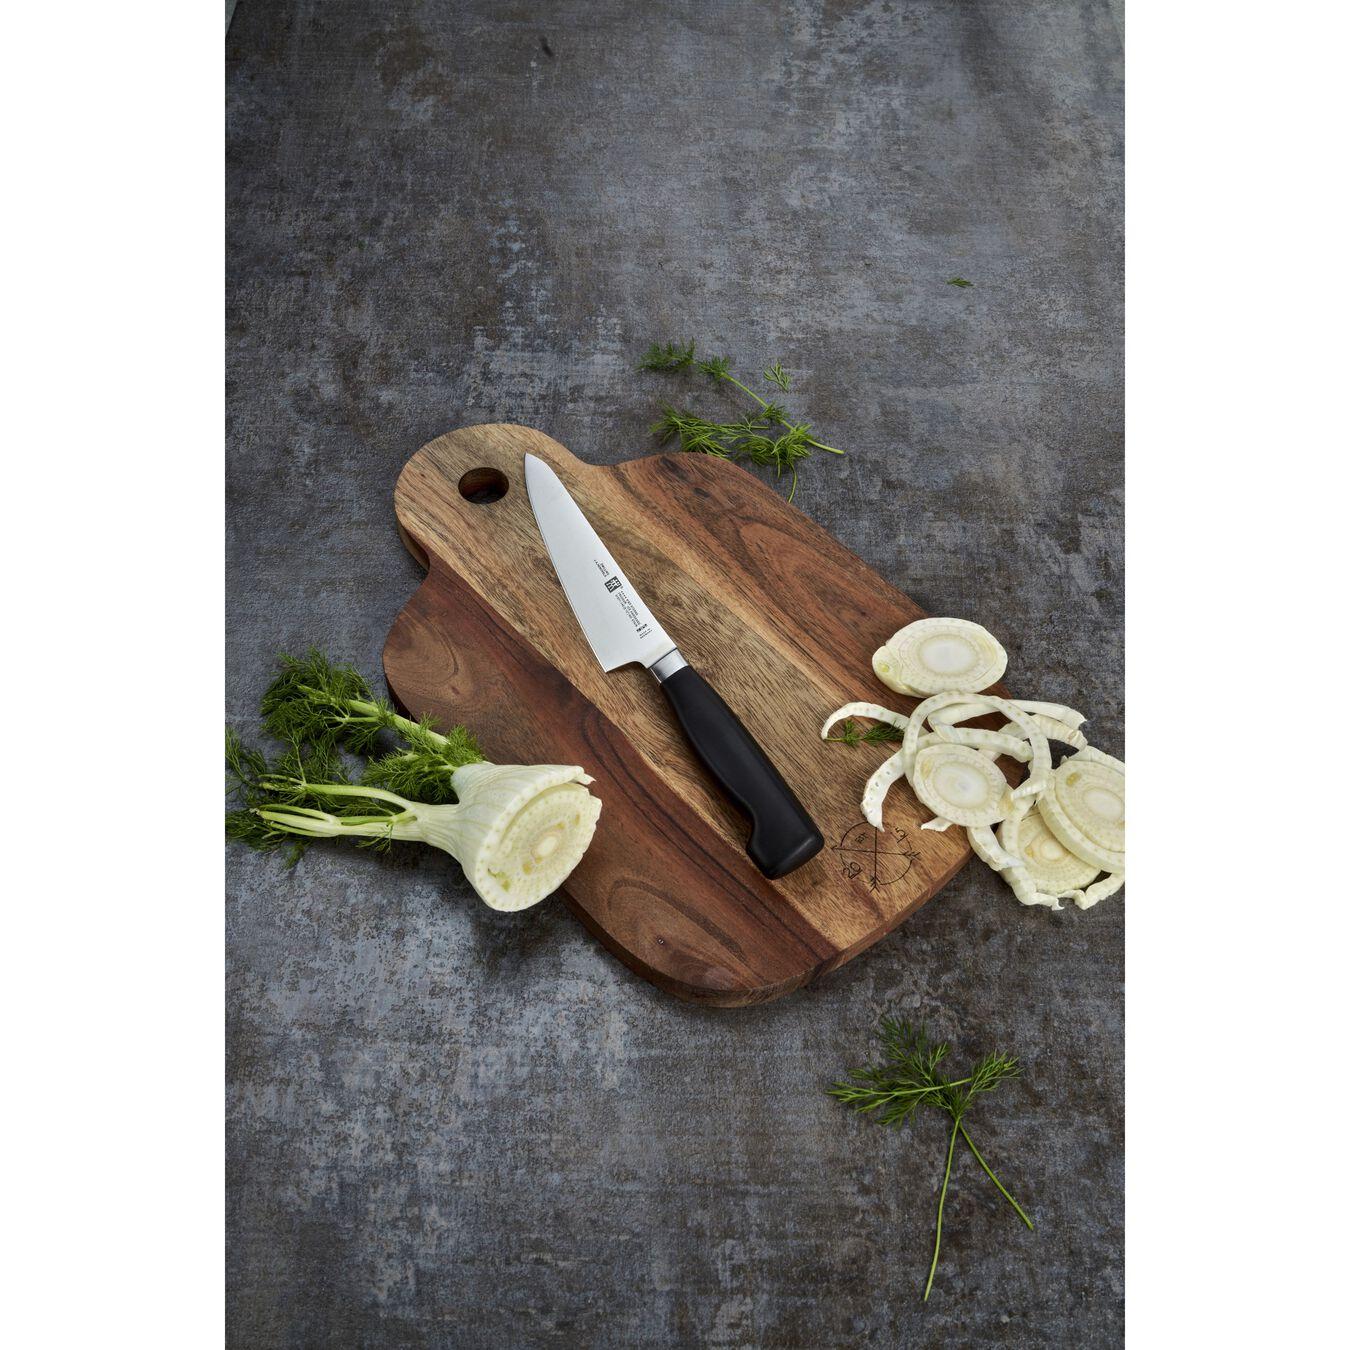 Couteau de chef compact 14 cm, Argent, Plastique,,large 3